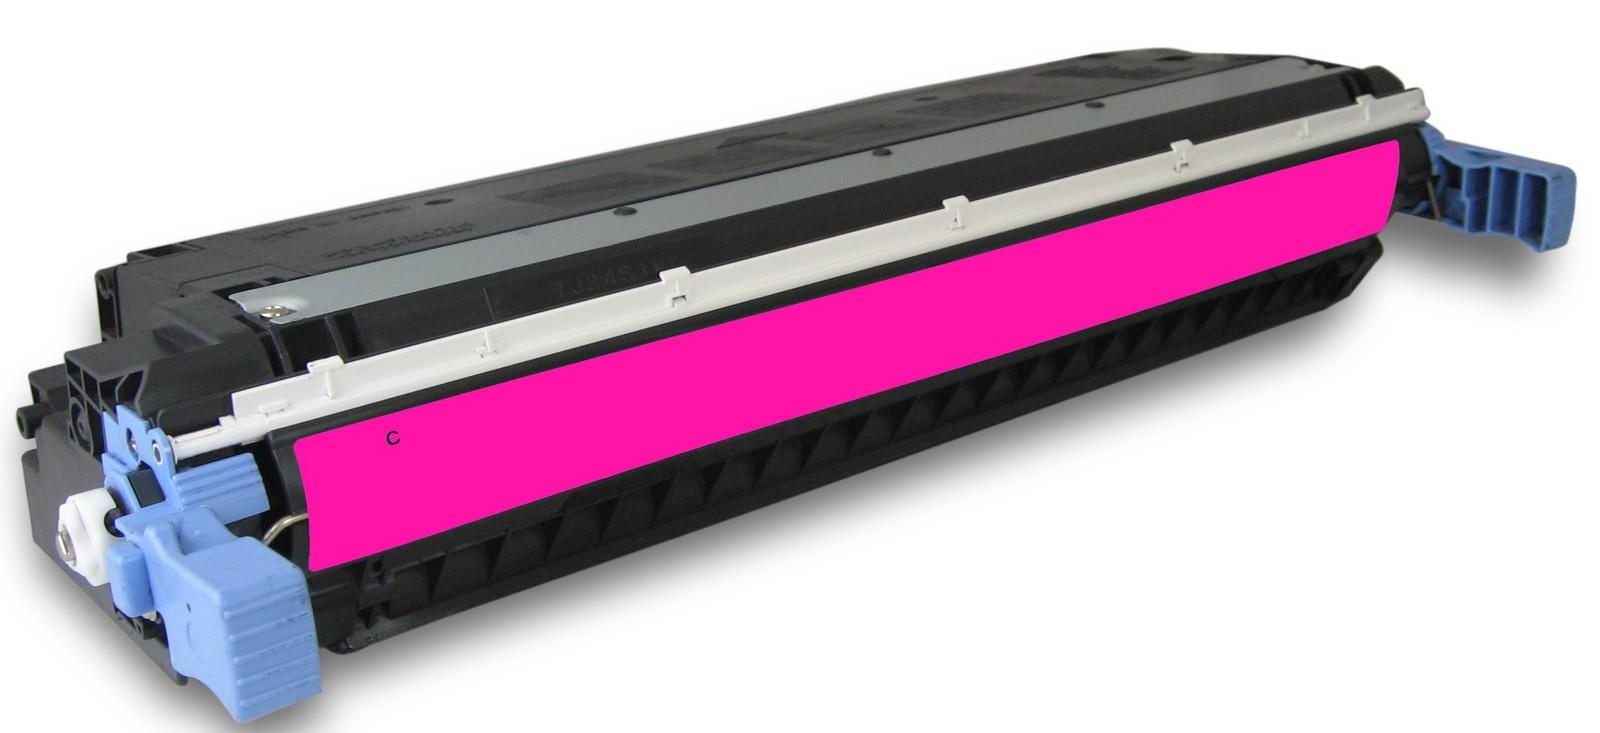 Картридж лазерный цветной ULTRA C9733A пурпурный (magenta) для HP картридж hp c9733a для hp 5500 5550dn 5550dtn 5550hdn 5550n пурпурный